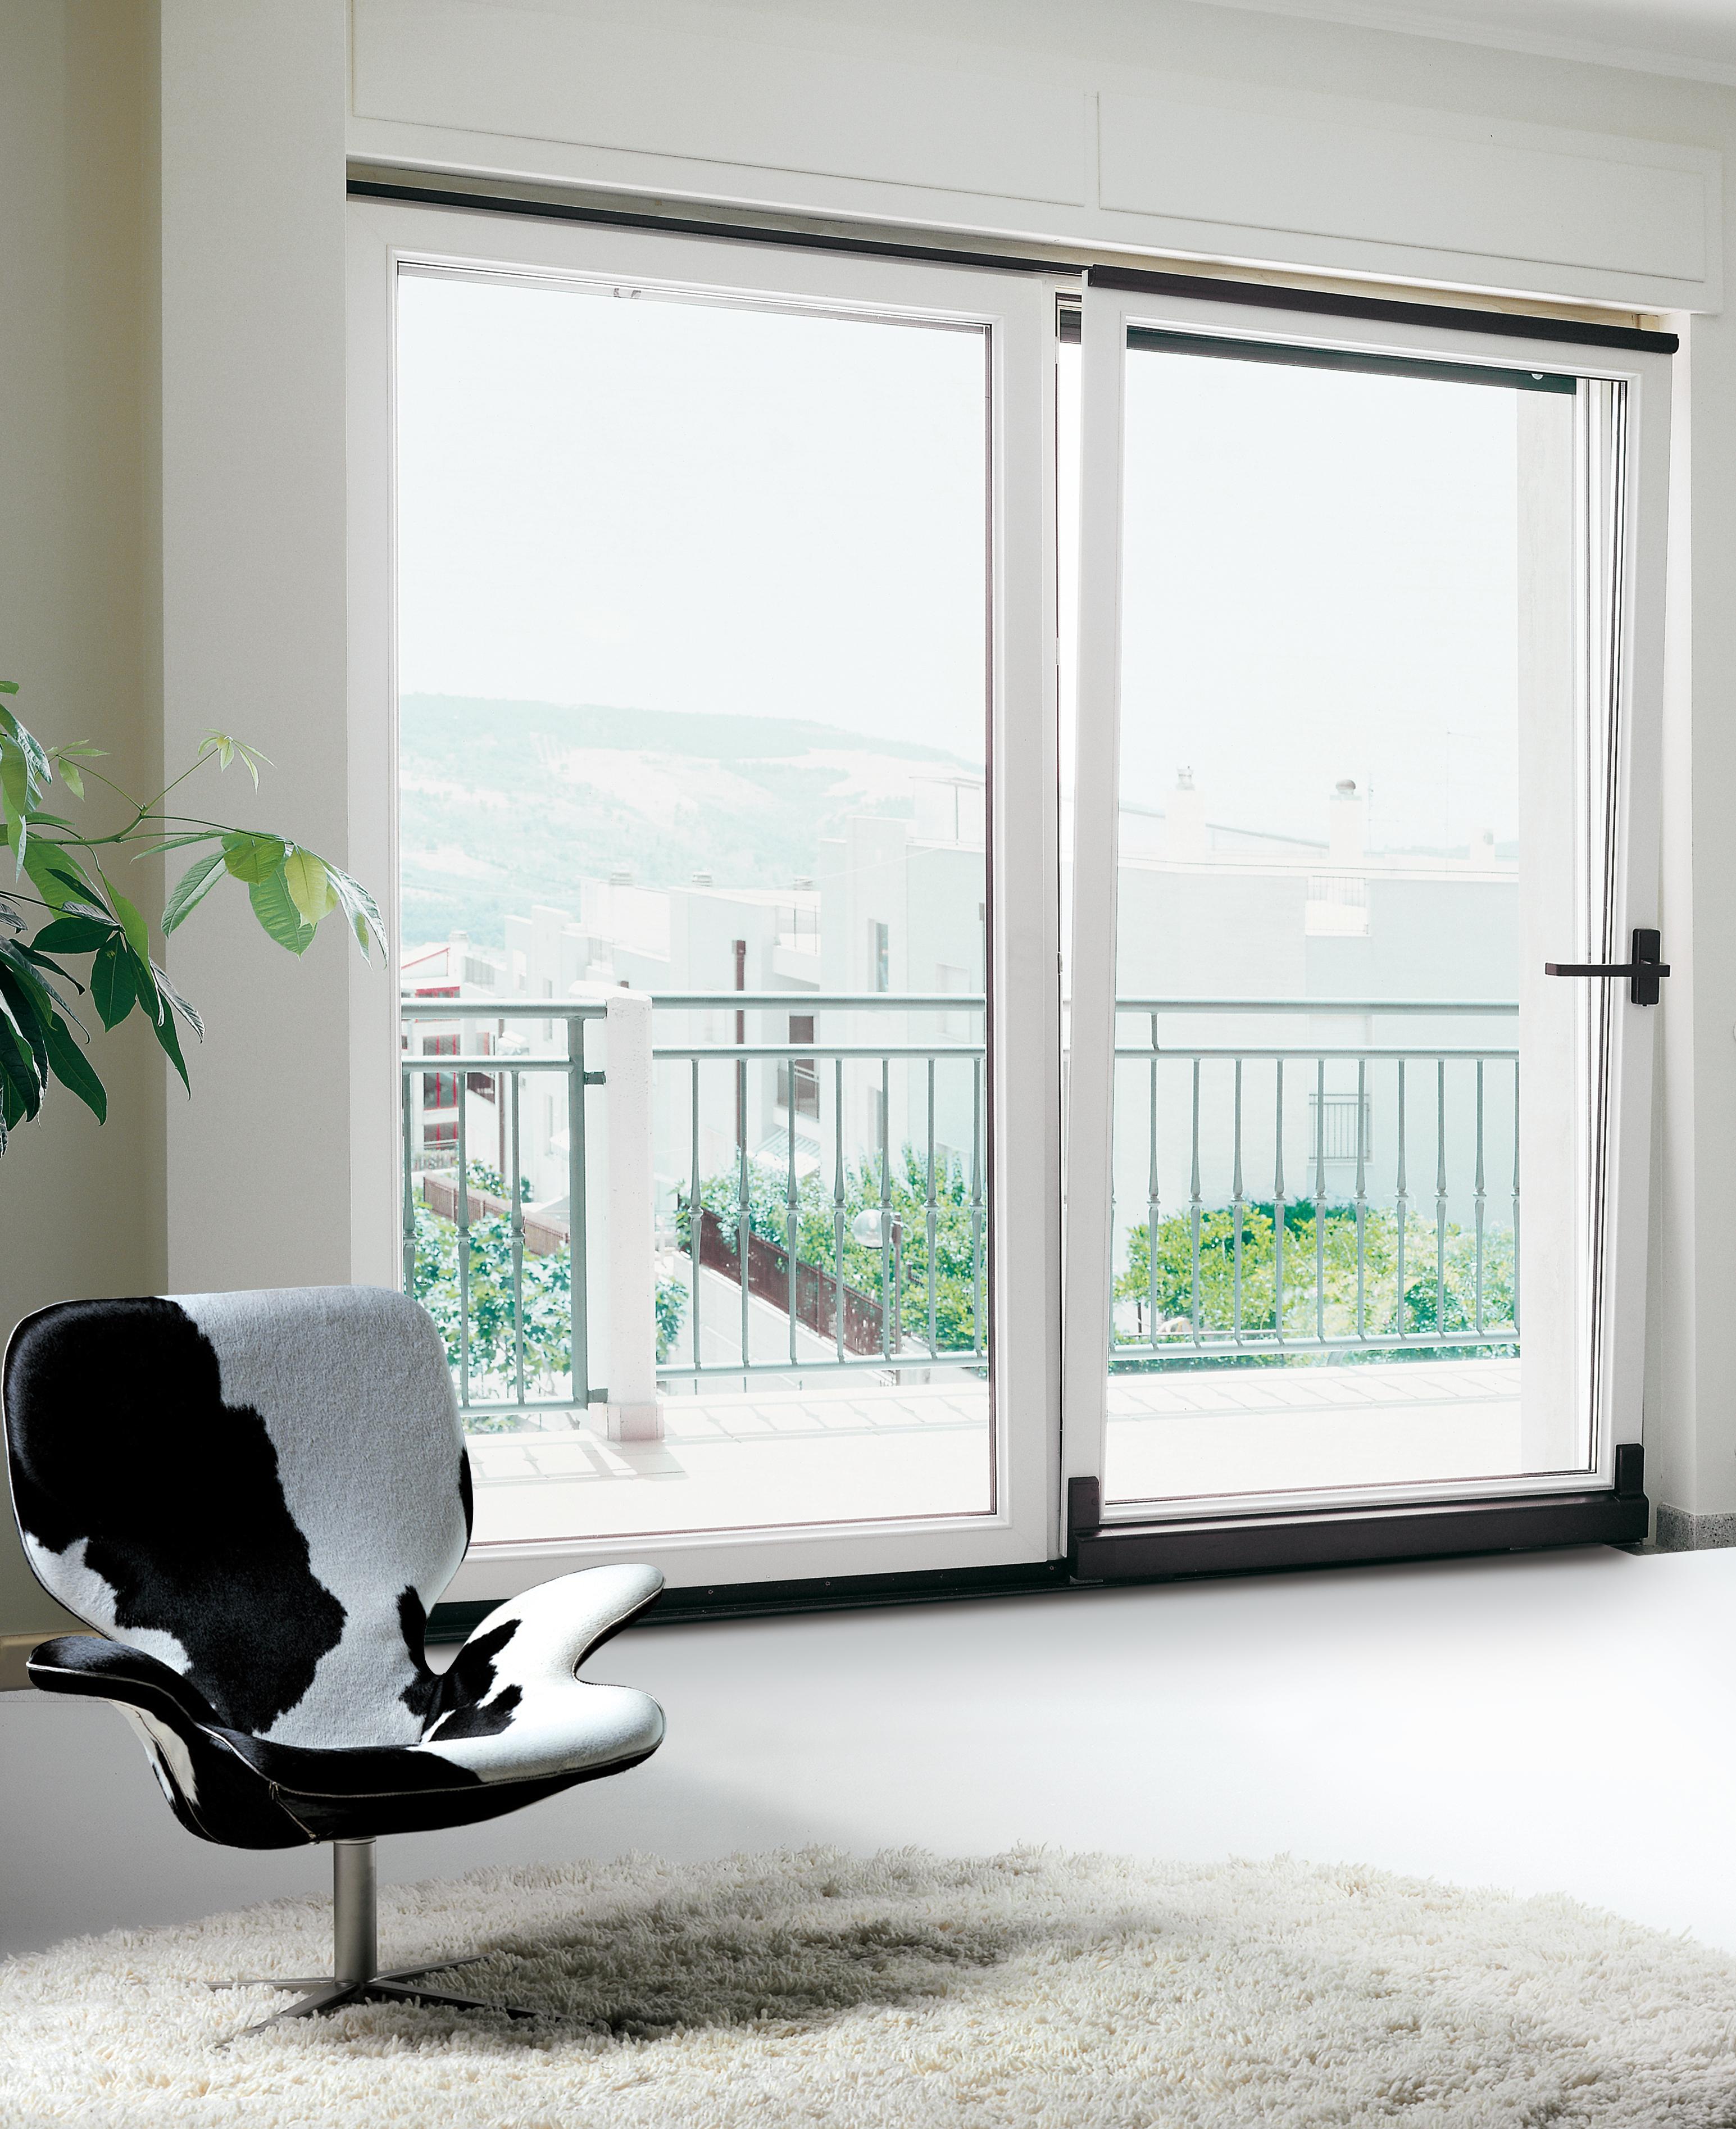 Progetto casa blindata da coserplast la prima finestra - Porta finestra blindata ...